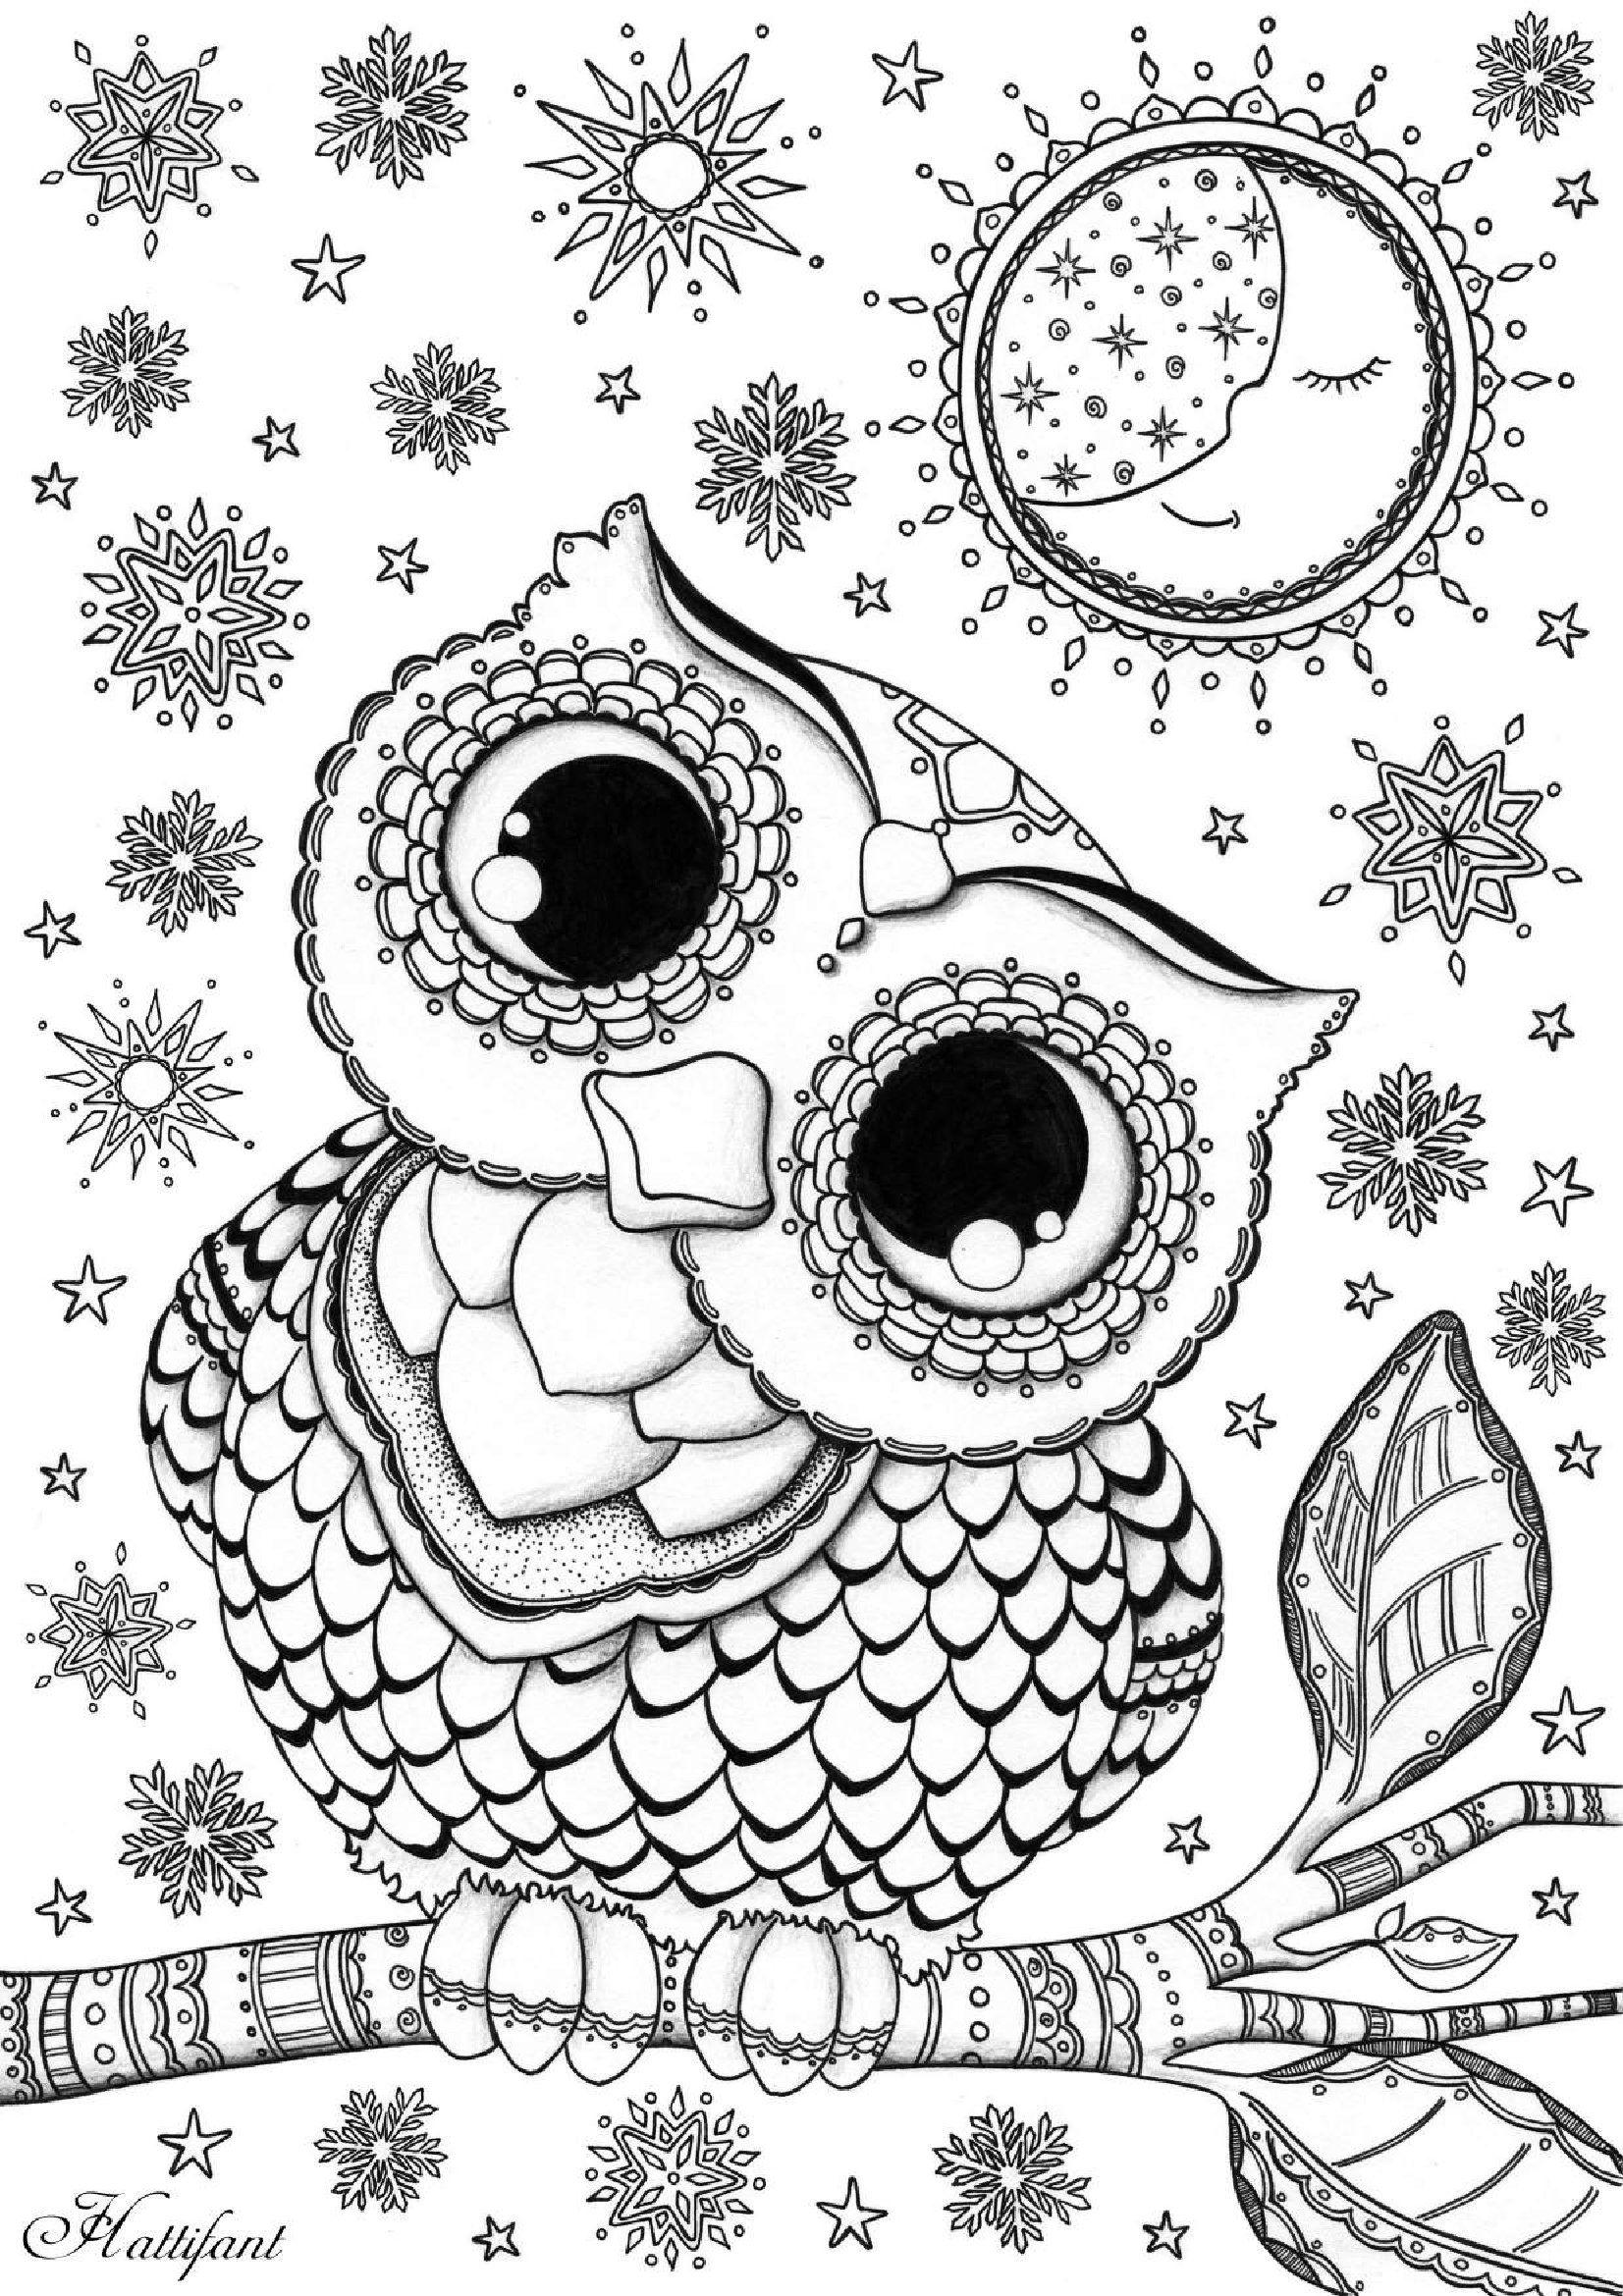 Pin by Margita on sovičky Omalovánky, Mandala, Vzory